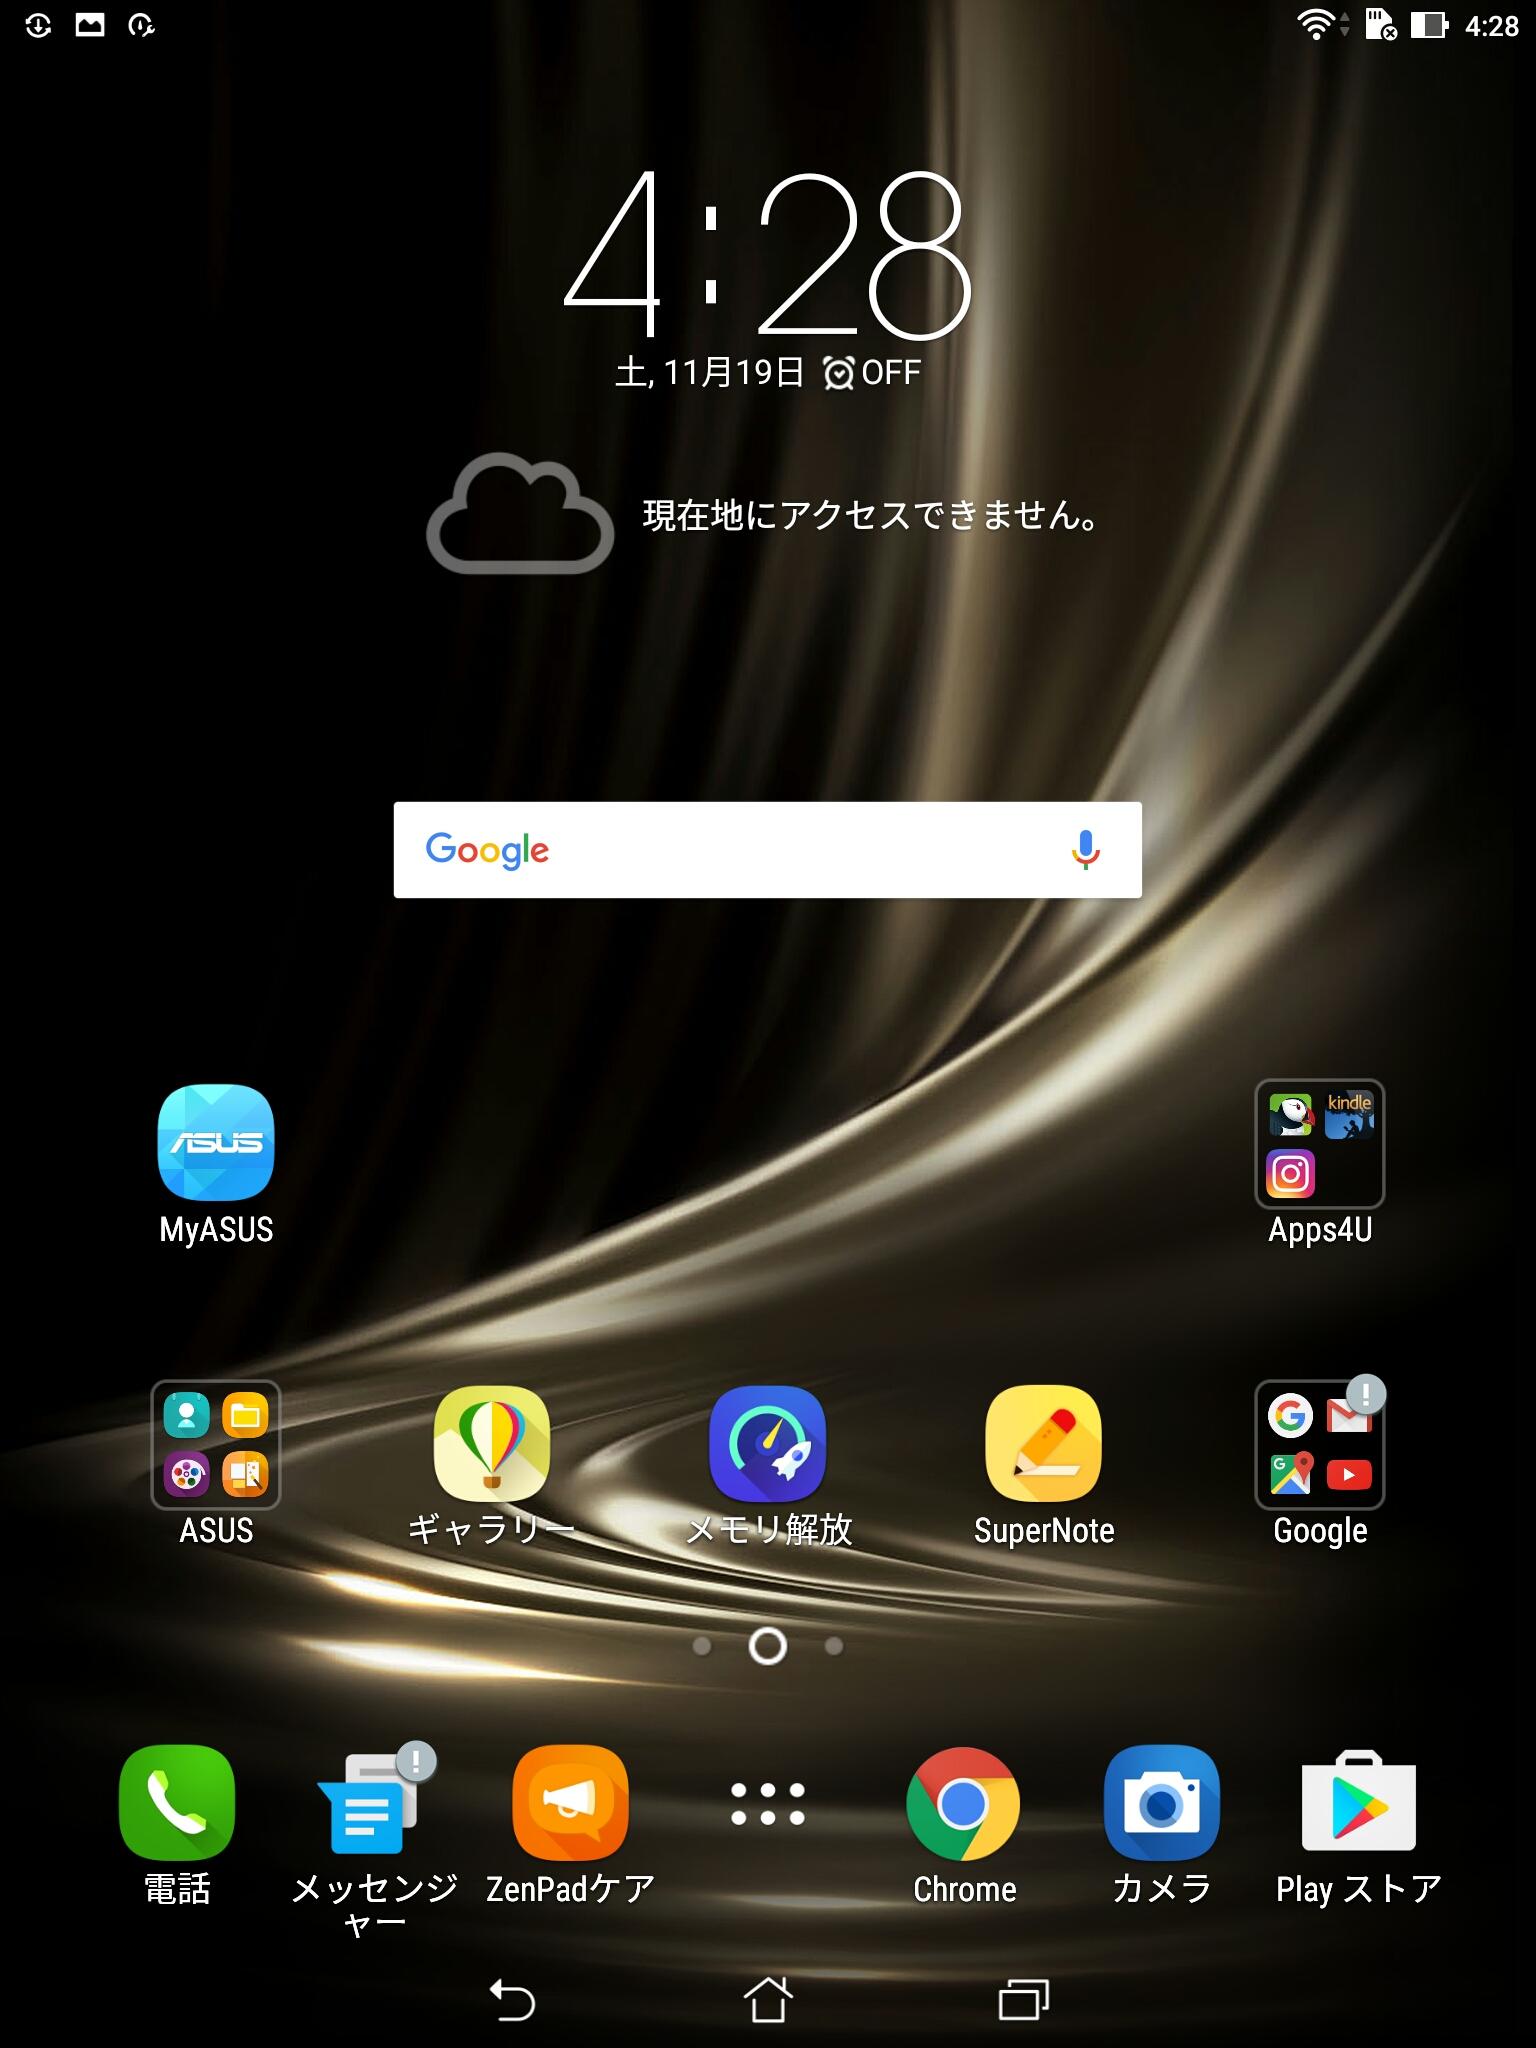 デフォルト状態のホーム画面。一部はフォルダにまとめられてはいるものの、ASUSの独自アプリが多く目につく